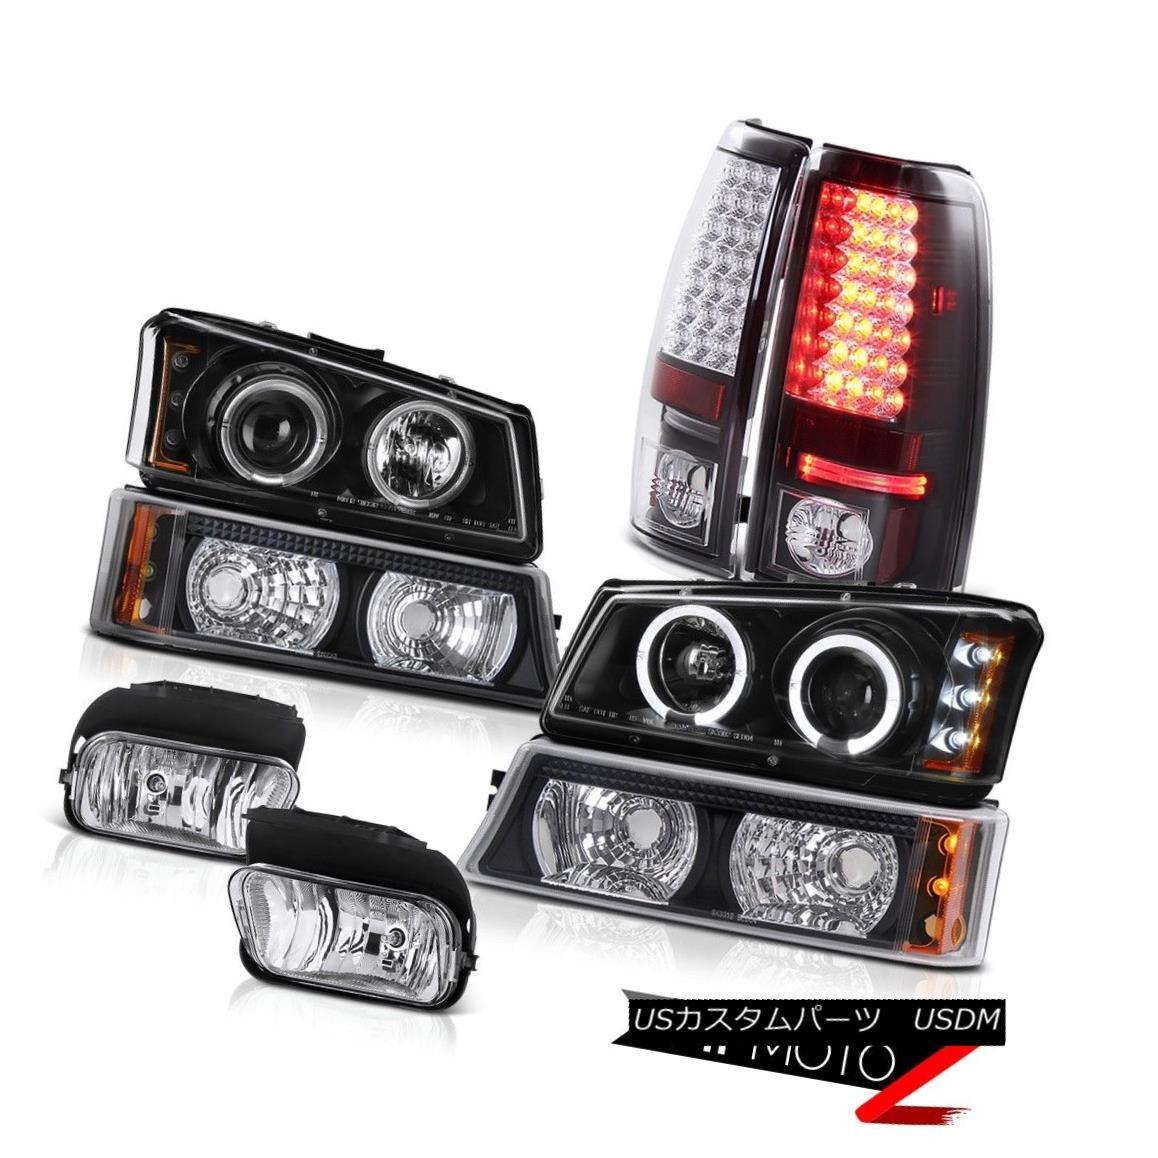 テールライト Dual Halo Rim Headlight Black Bumper LED Taillamp Foglamp 2003-2006 Silverado LT デュアルHaloリムヘッドライトブラックバンパーLED Taillamp Foglamp 2003-2006 Silverado LT